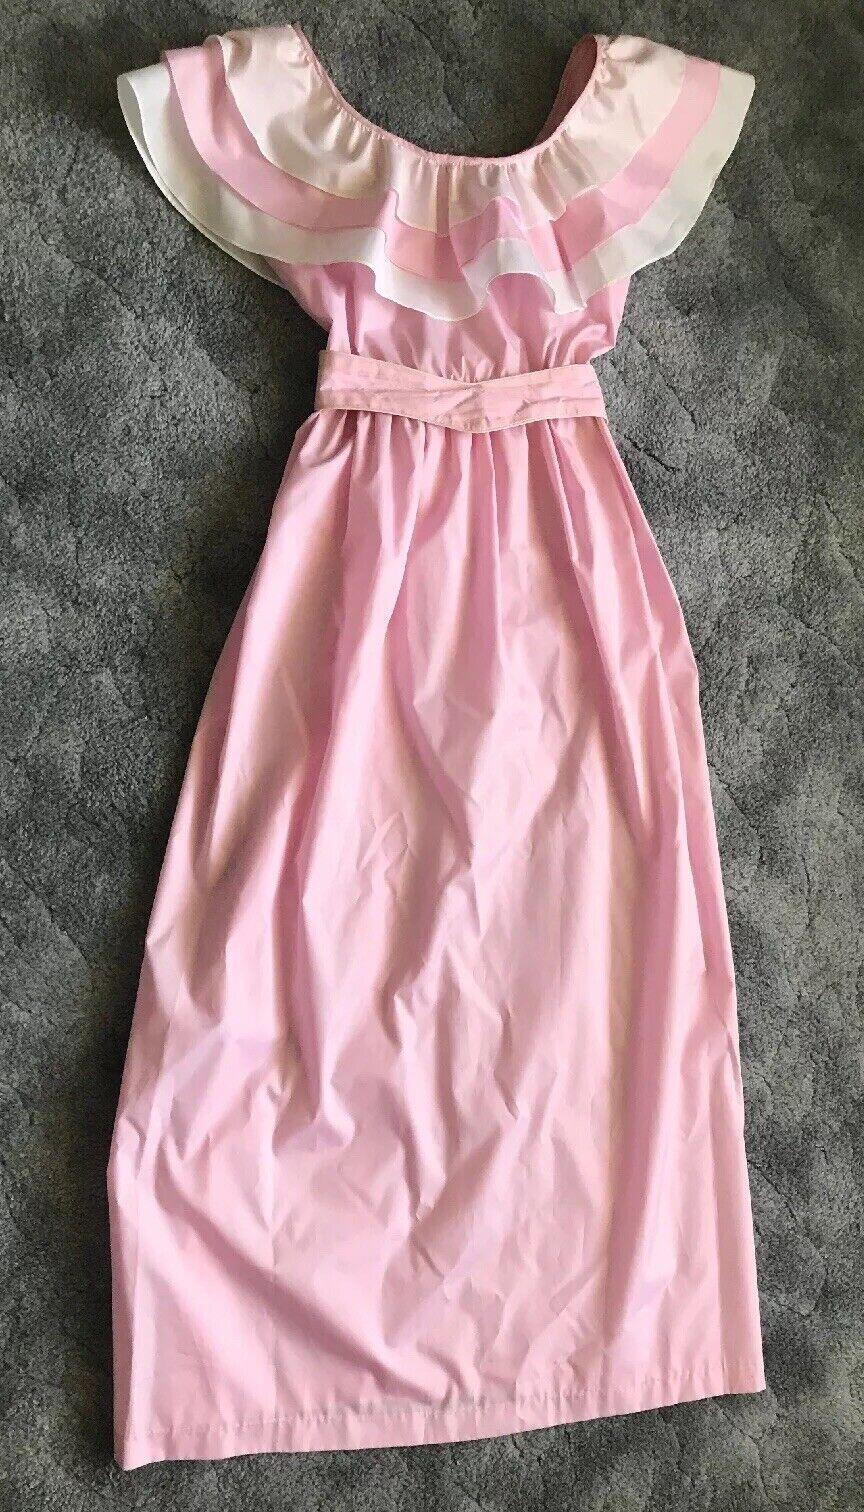 VINTAGE 80's Ruffled Light Taffeta Pink Prom Gown M L Dress